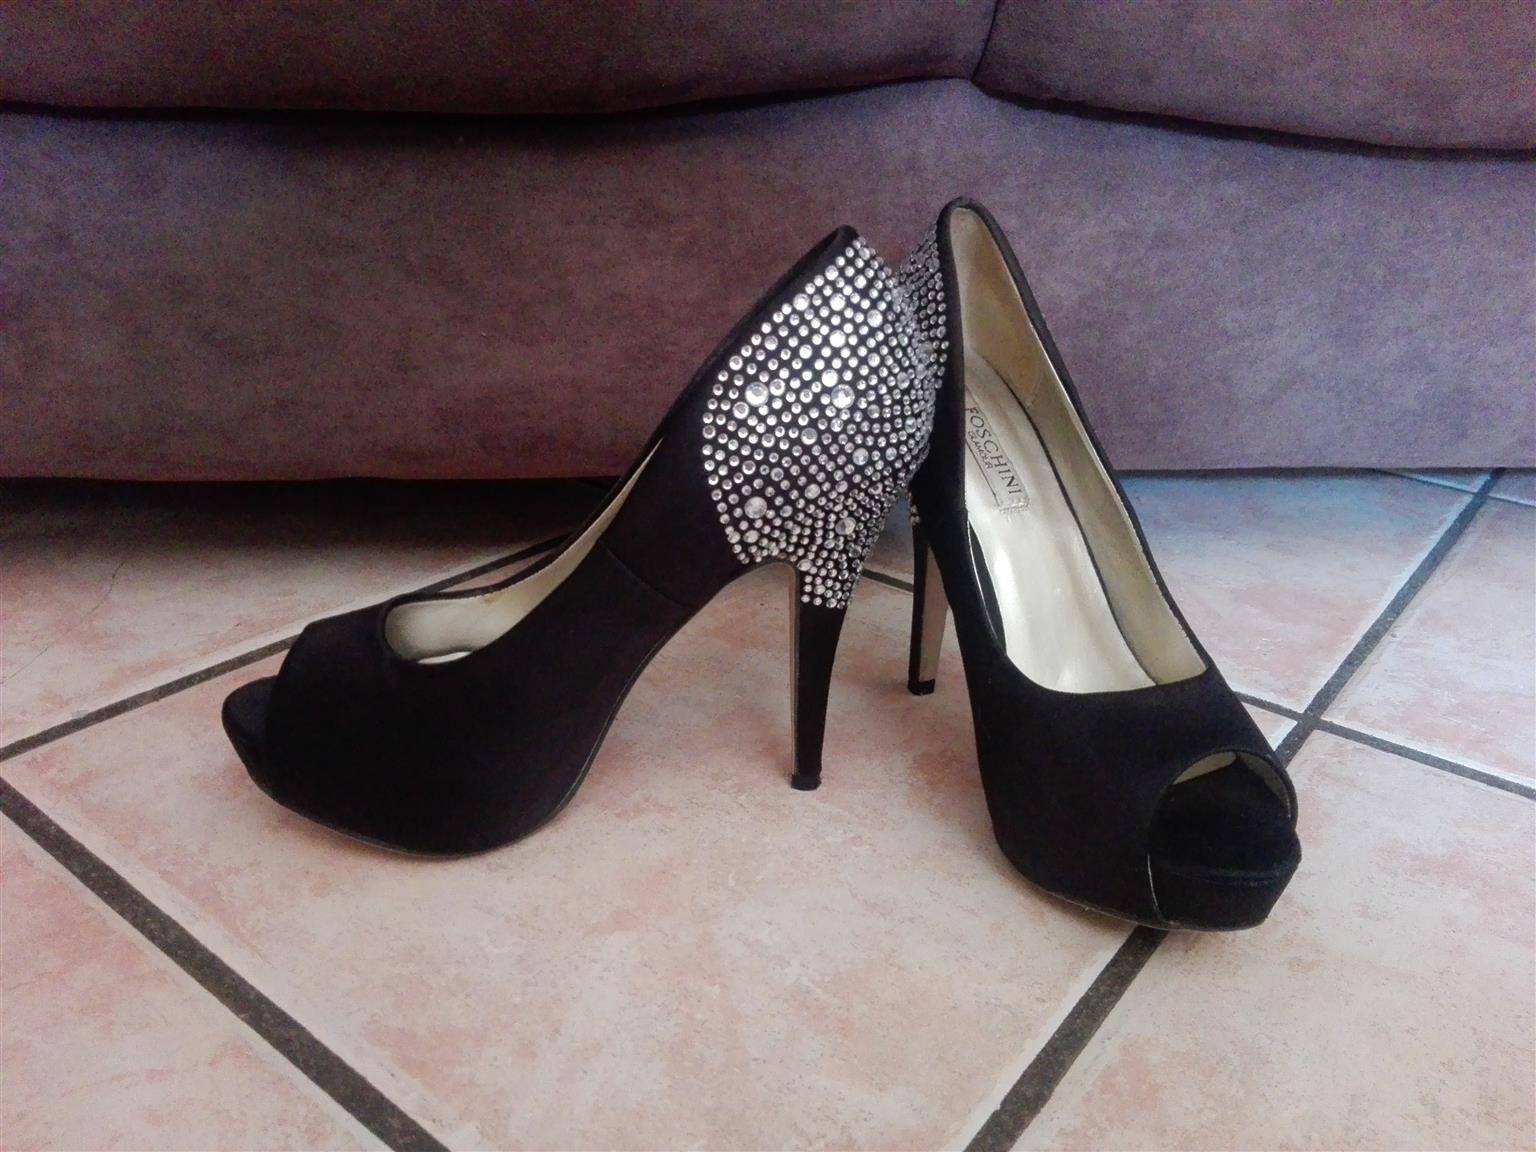 2a9d1d77d873 2 pairs ladies platform shoes size 6